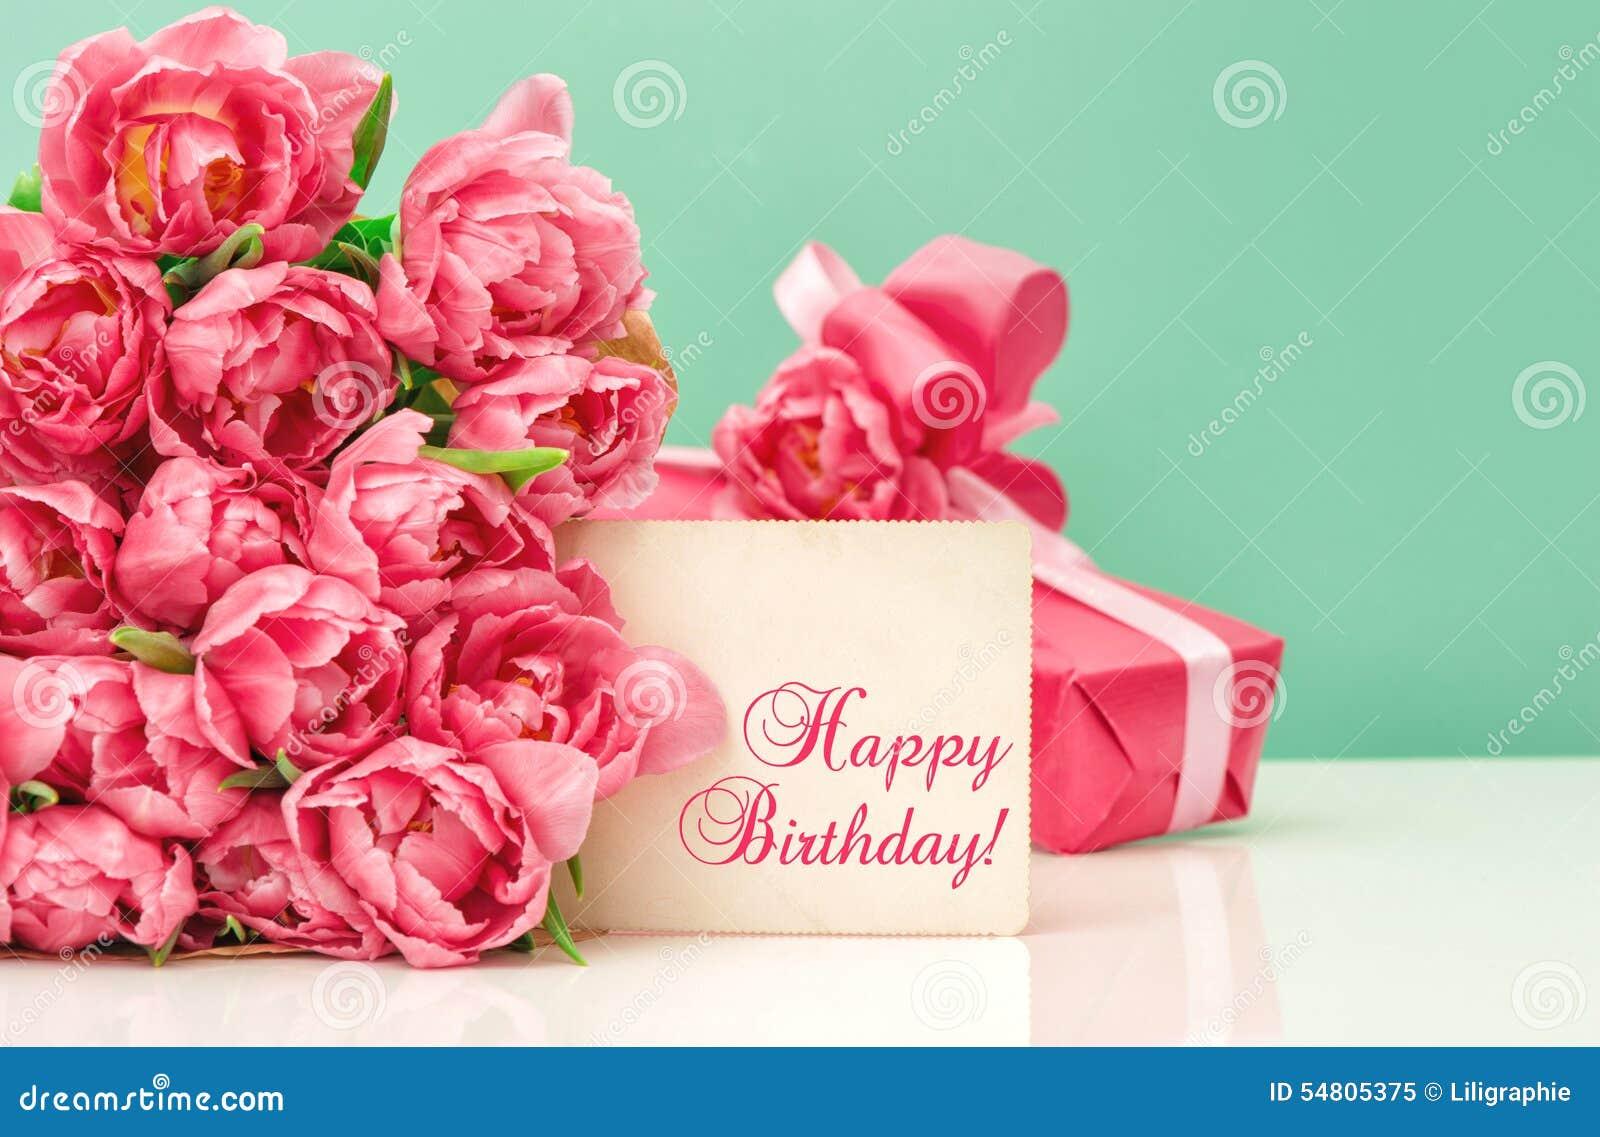 tulipes roses anniversaire de carte de voeux d 39 ang de cadeau joyeux image stock image du. Black Bedroom Furniture Sets. Home Design Ideas